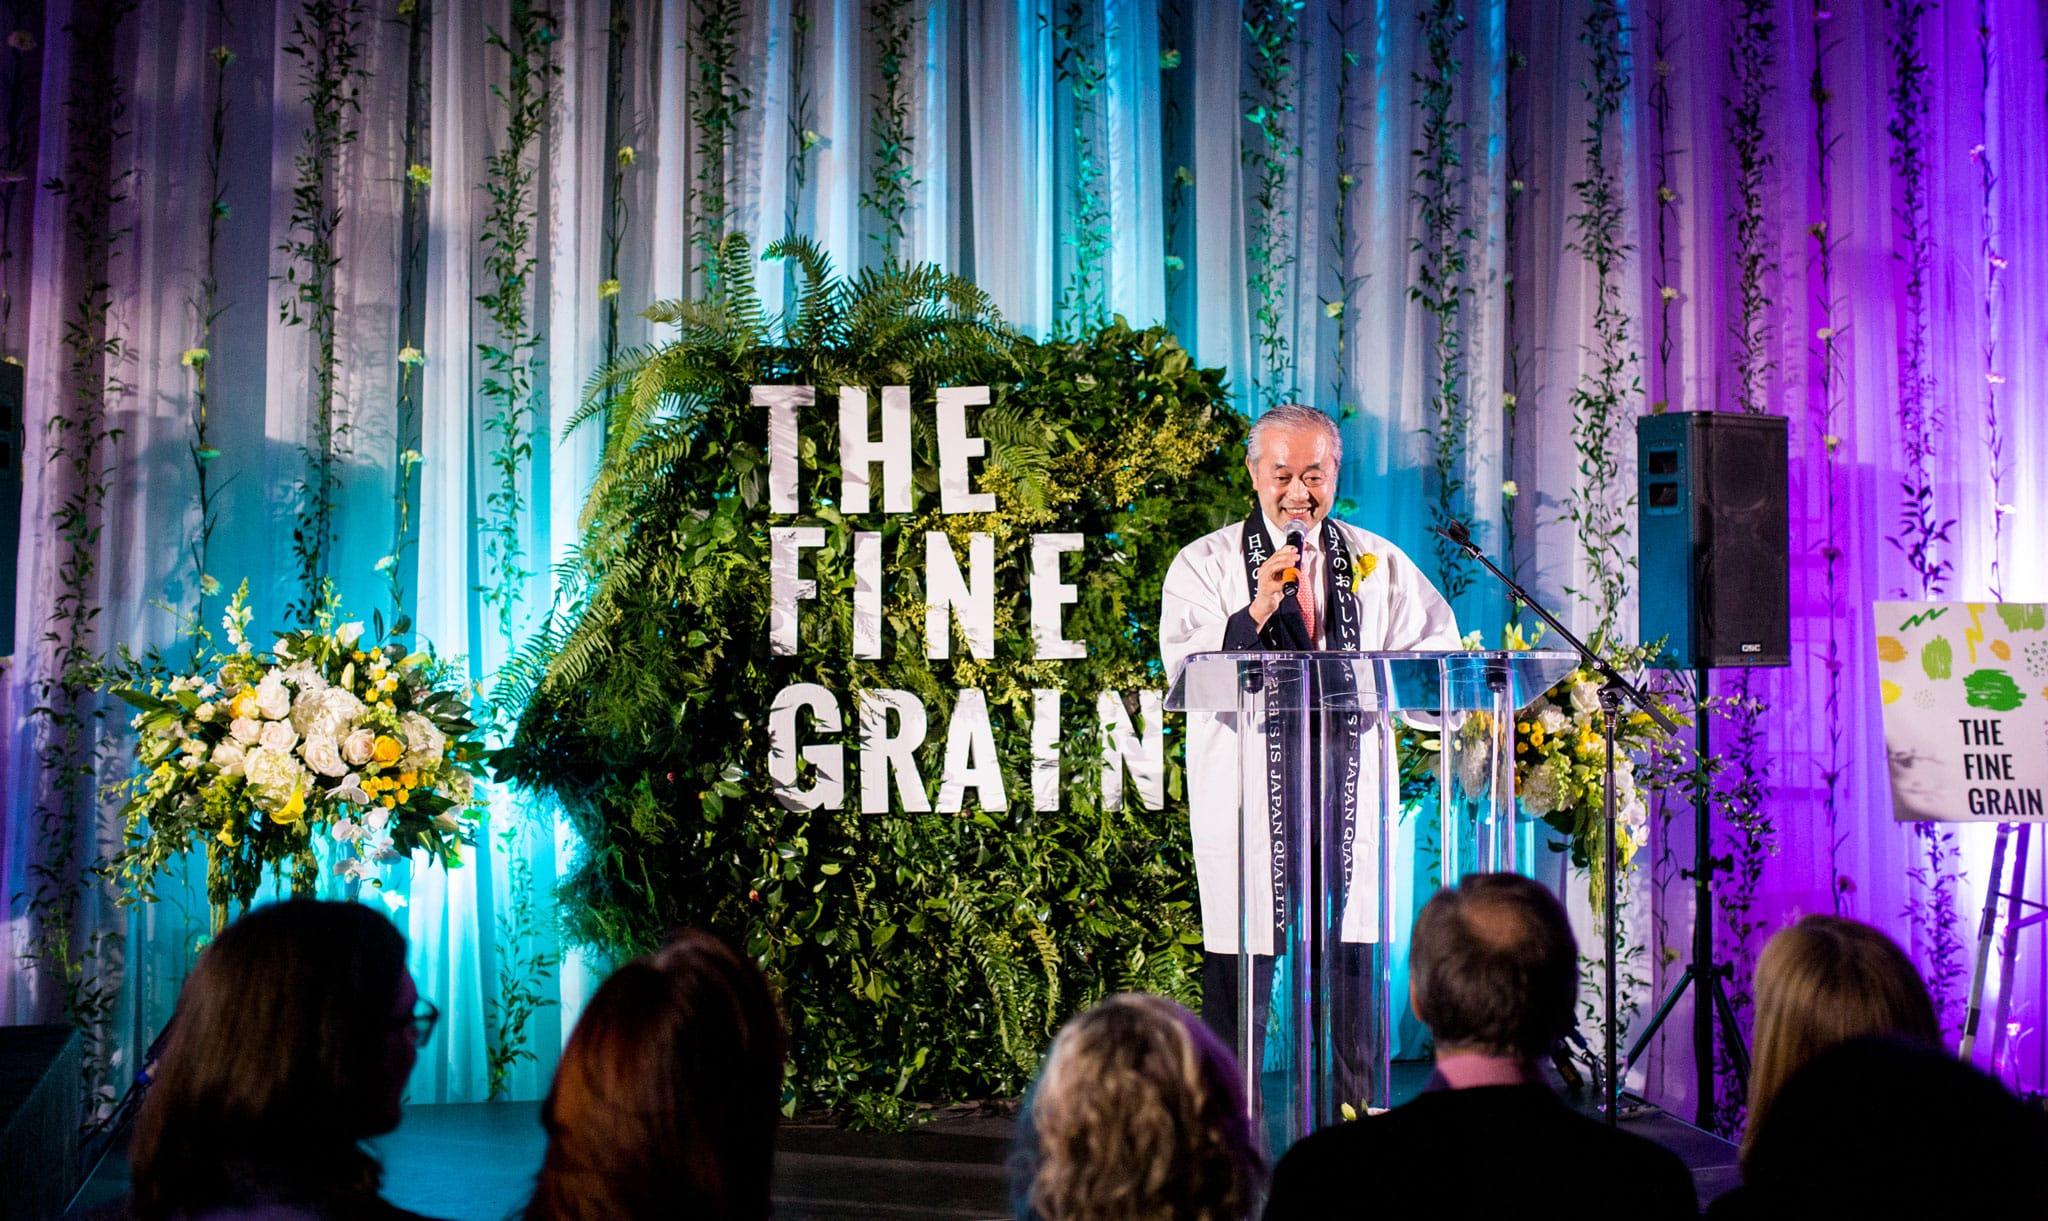 The Fine Grain